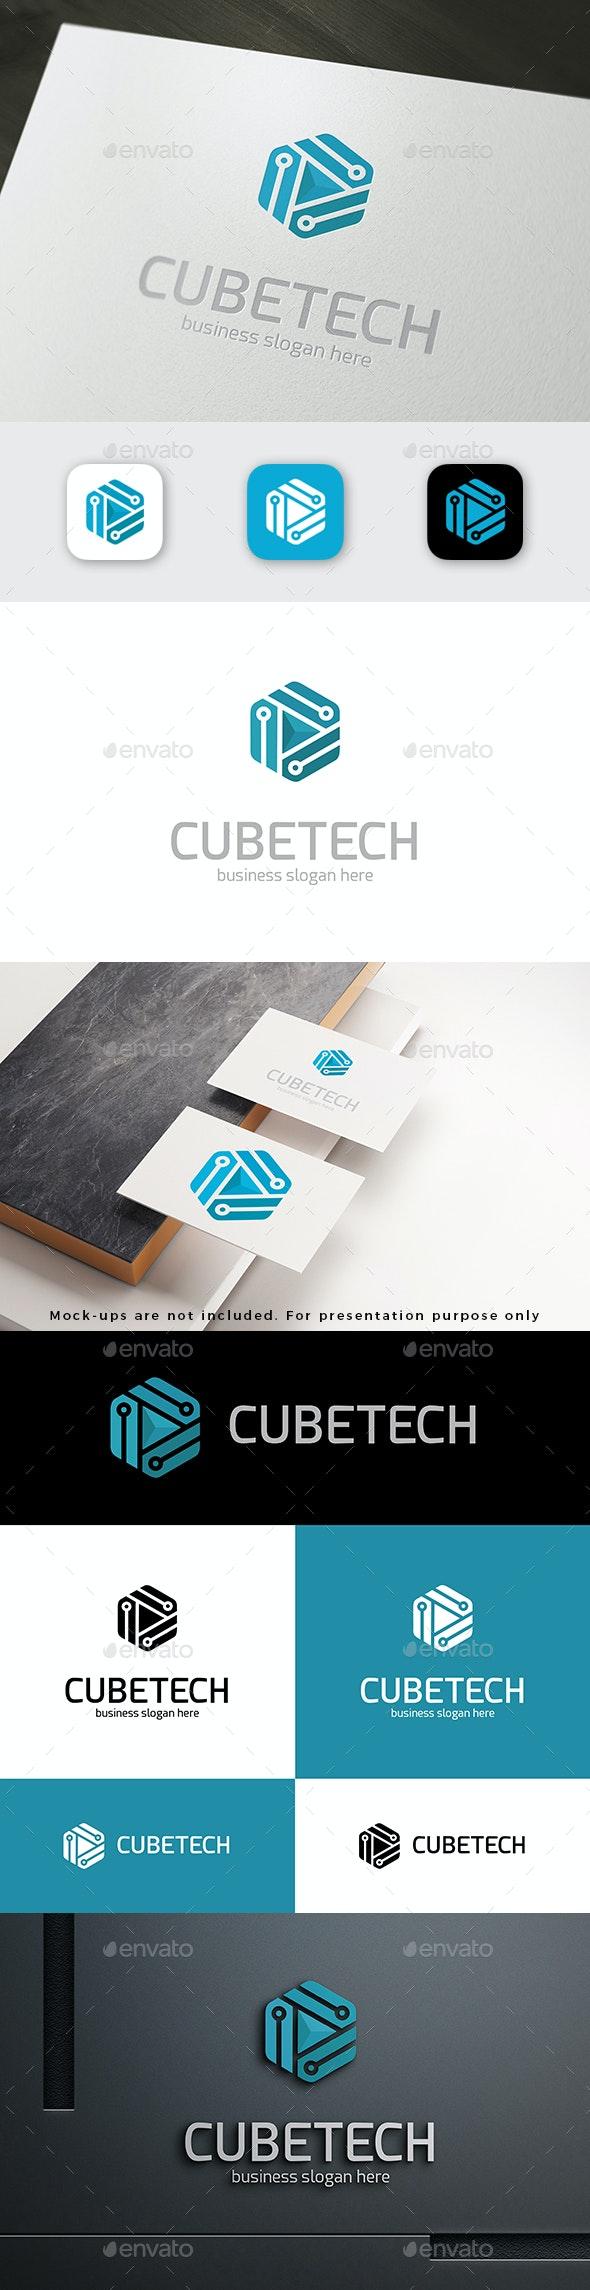 Cube Tech Logo - Vector Abstract